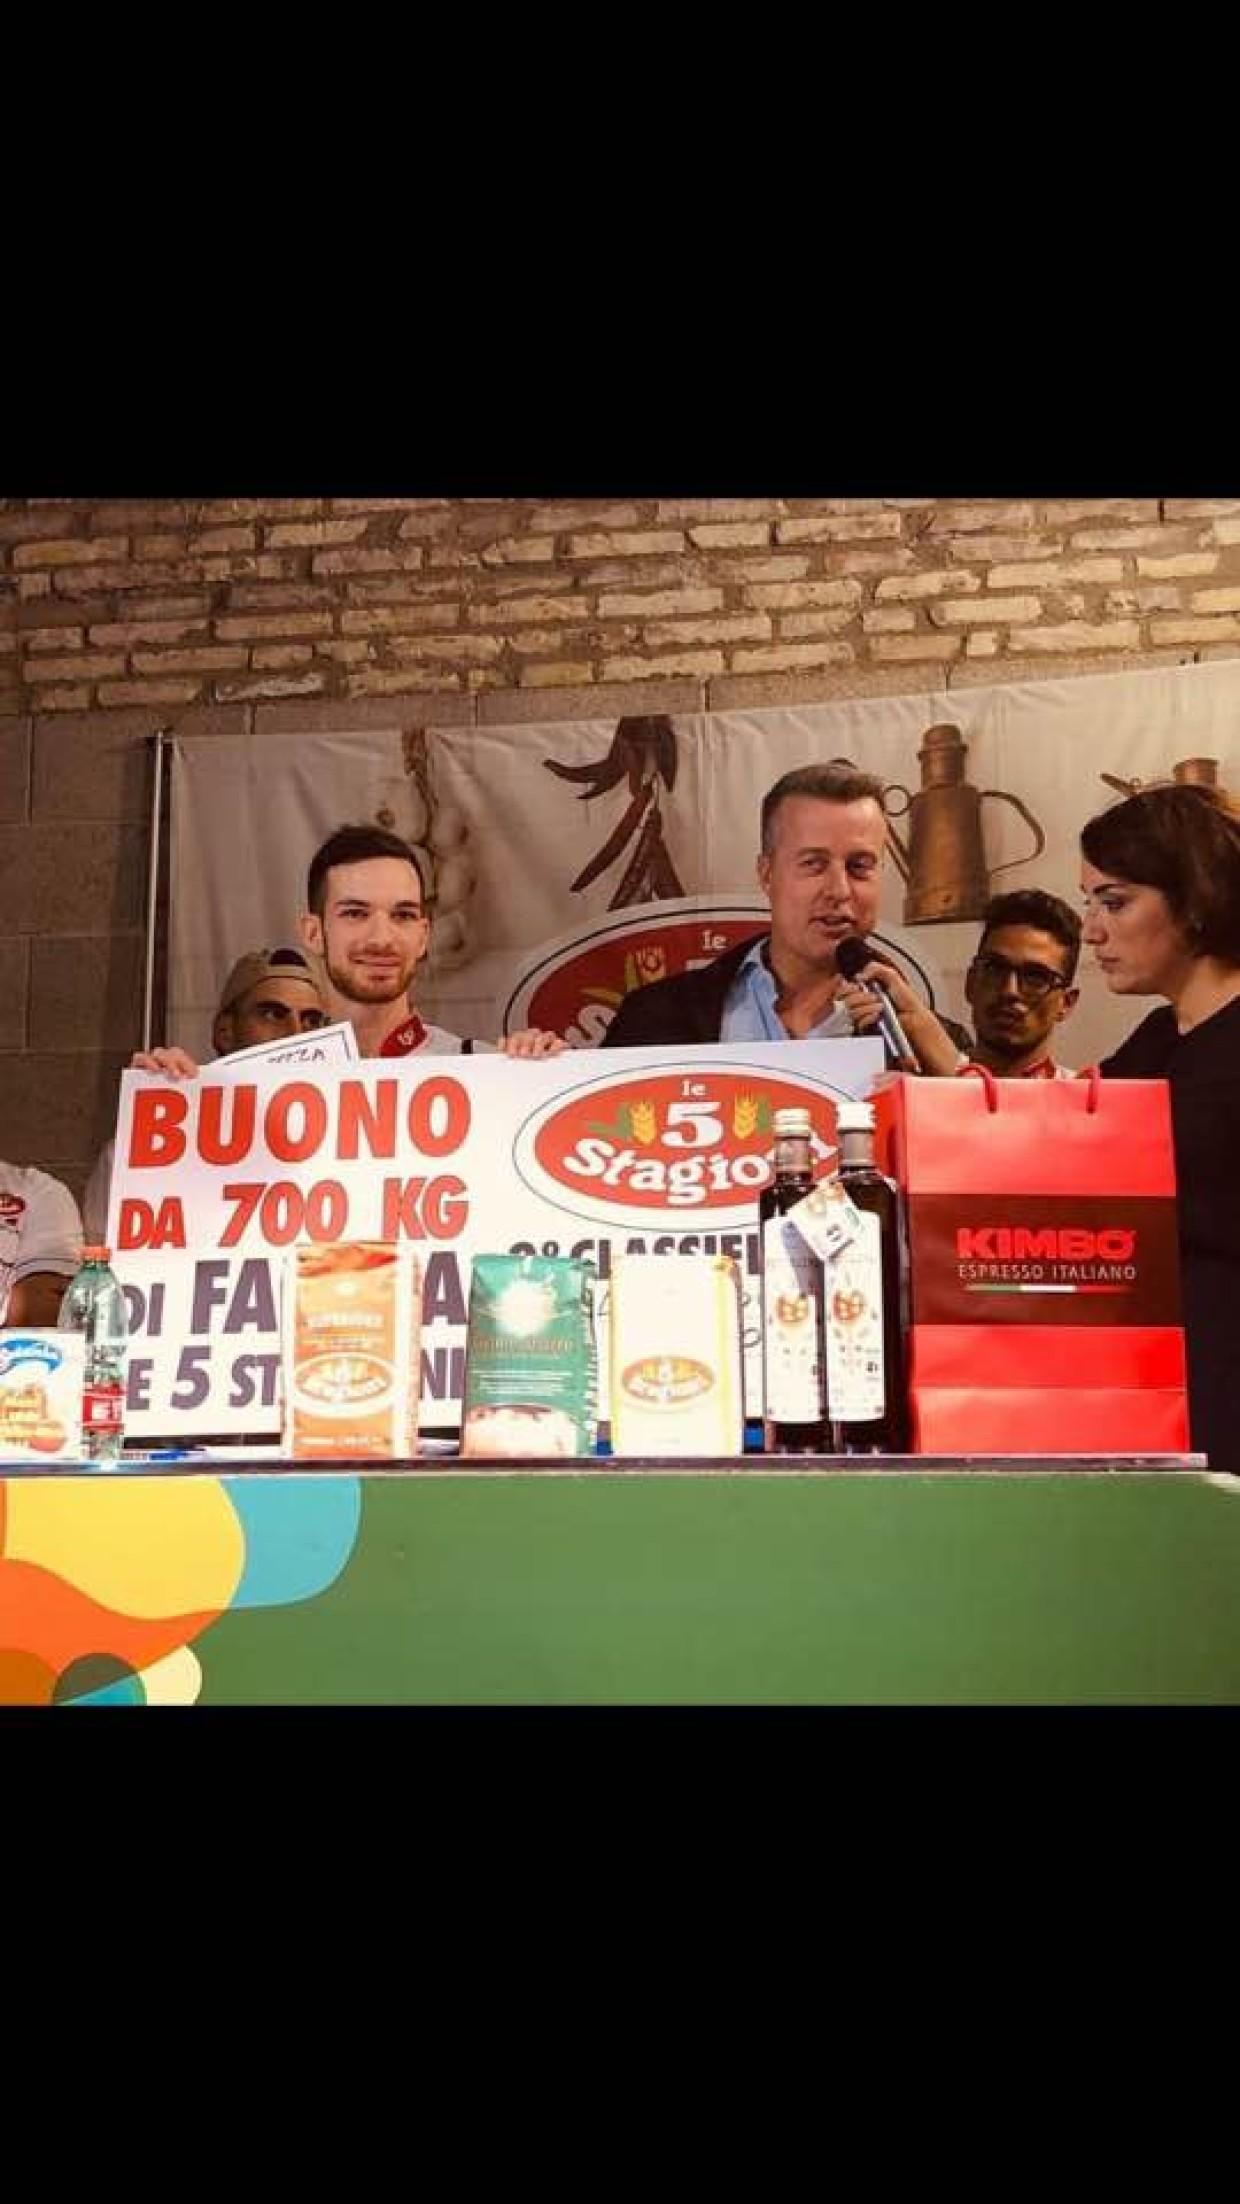 Quando le passioni si uniscono: Miglior topping nel concorso piazzaiolo emergente 2018. Bravo Alessandro!